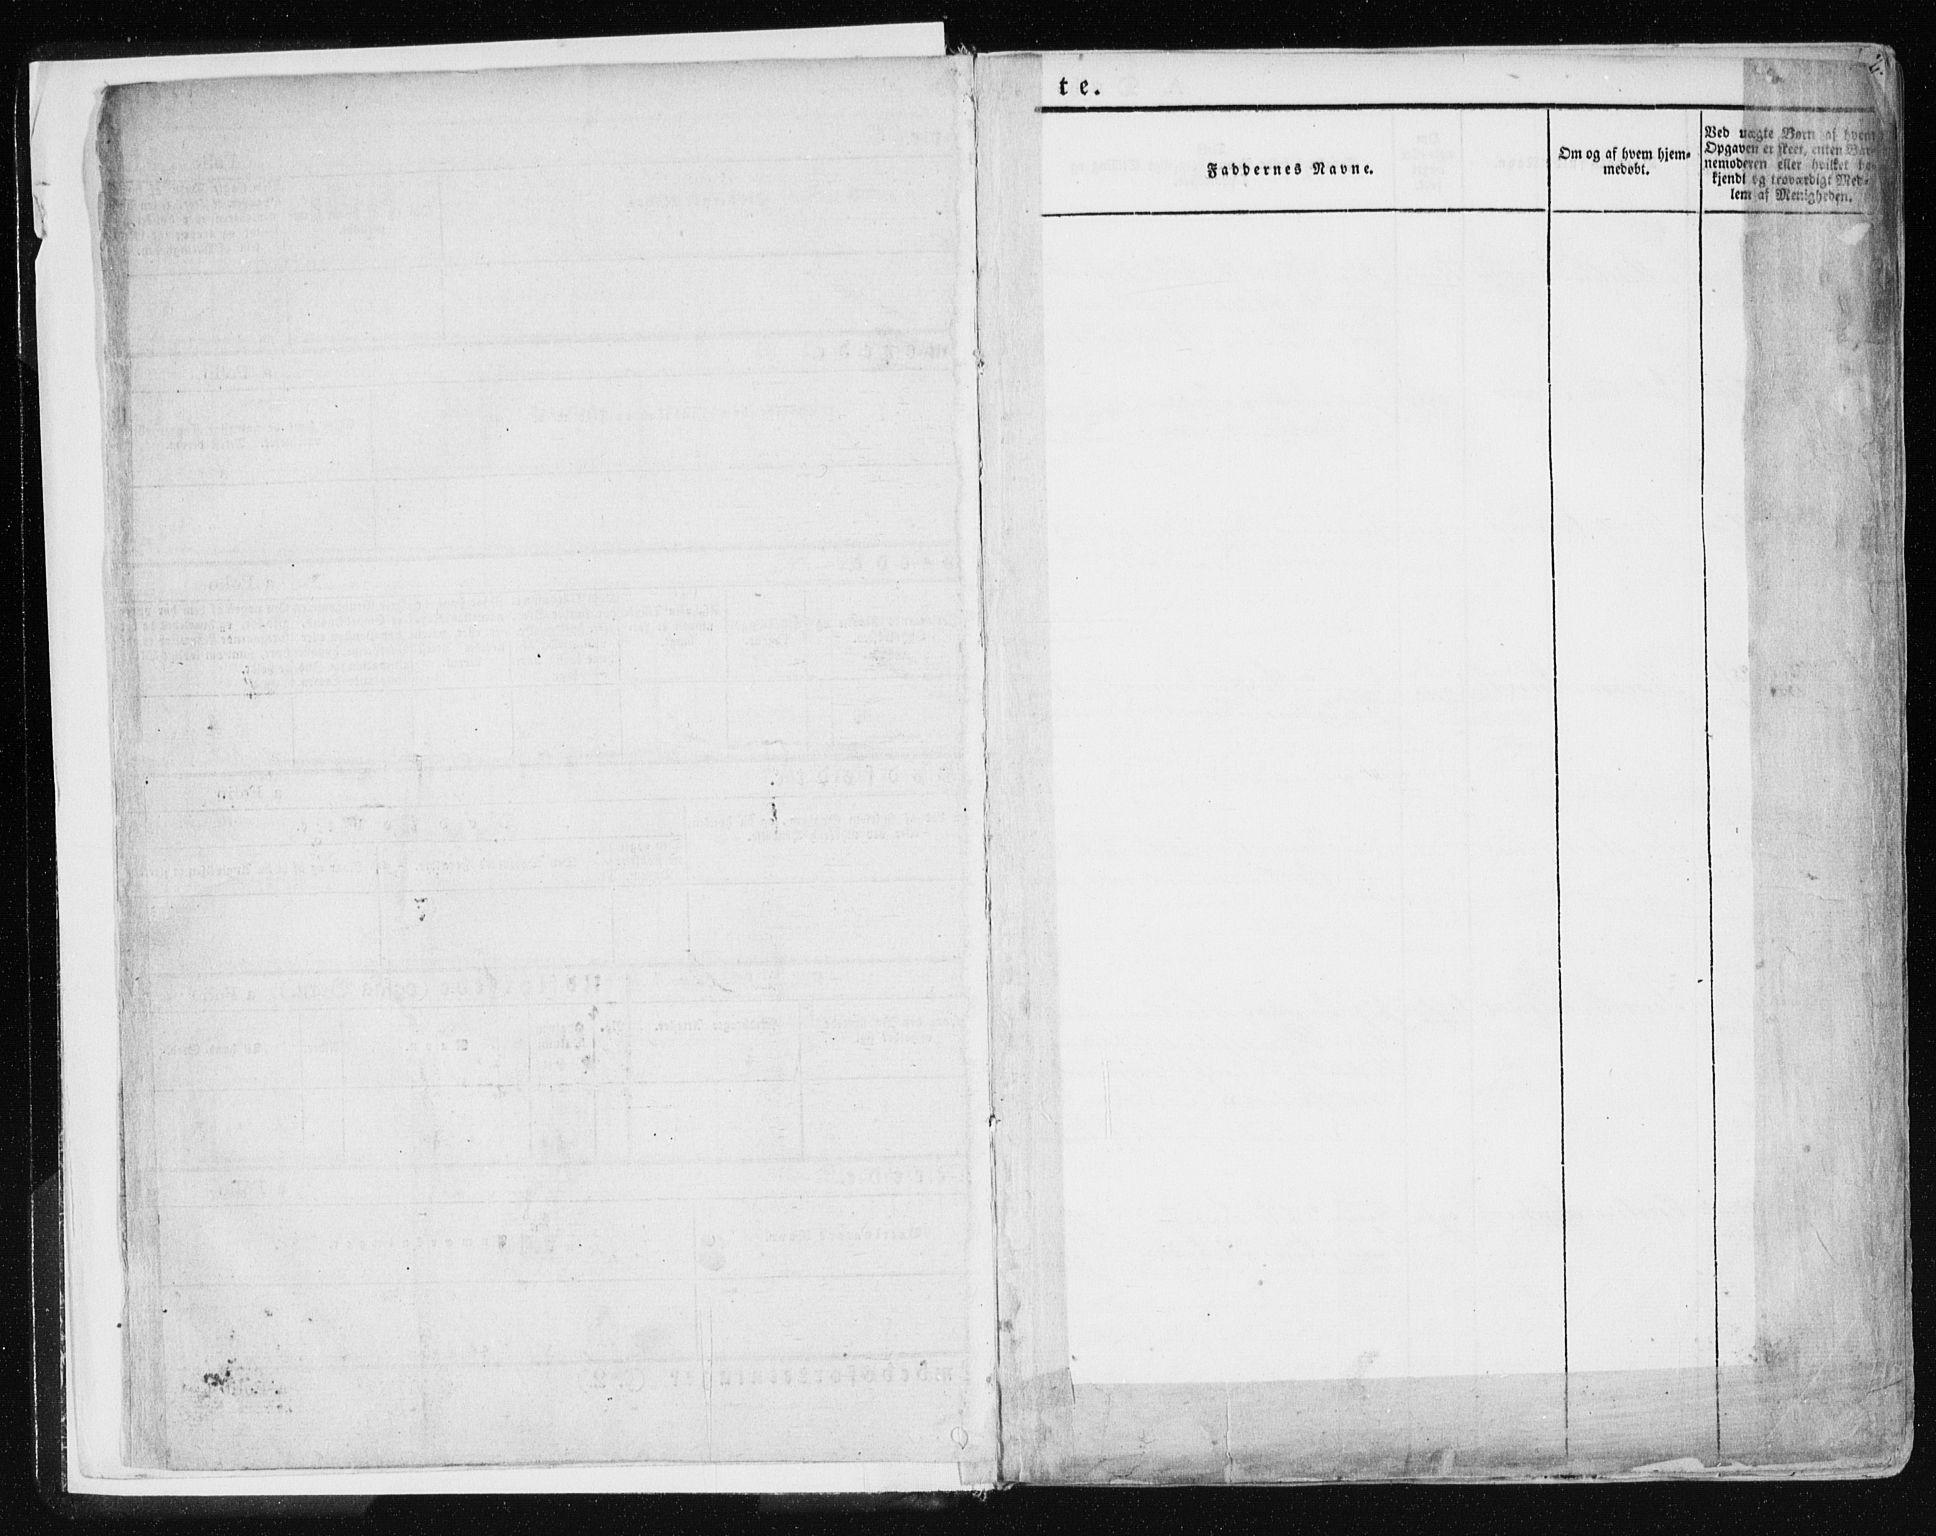 SAT, Ministerialprotokoller, klokkerbøker og fødselsregistre - Nord-Trøndelag, 741/L0393: Ministerialbok nr. 741A07, 1849-1863, s. 1